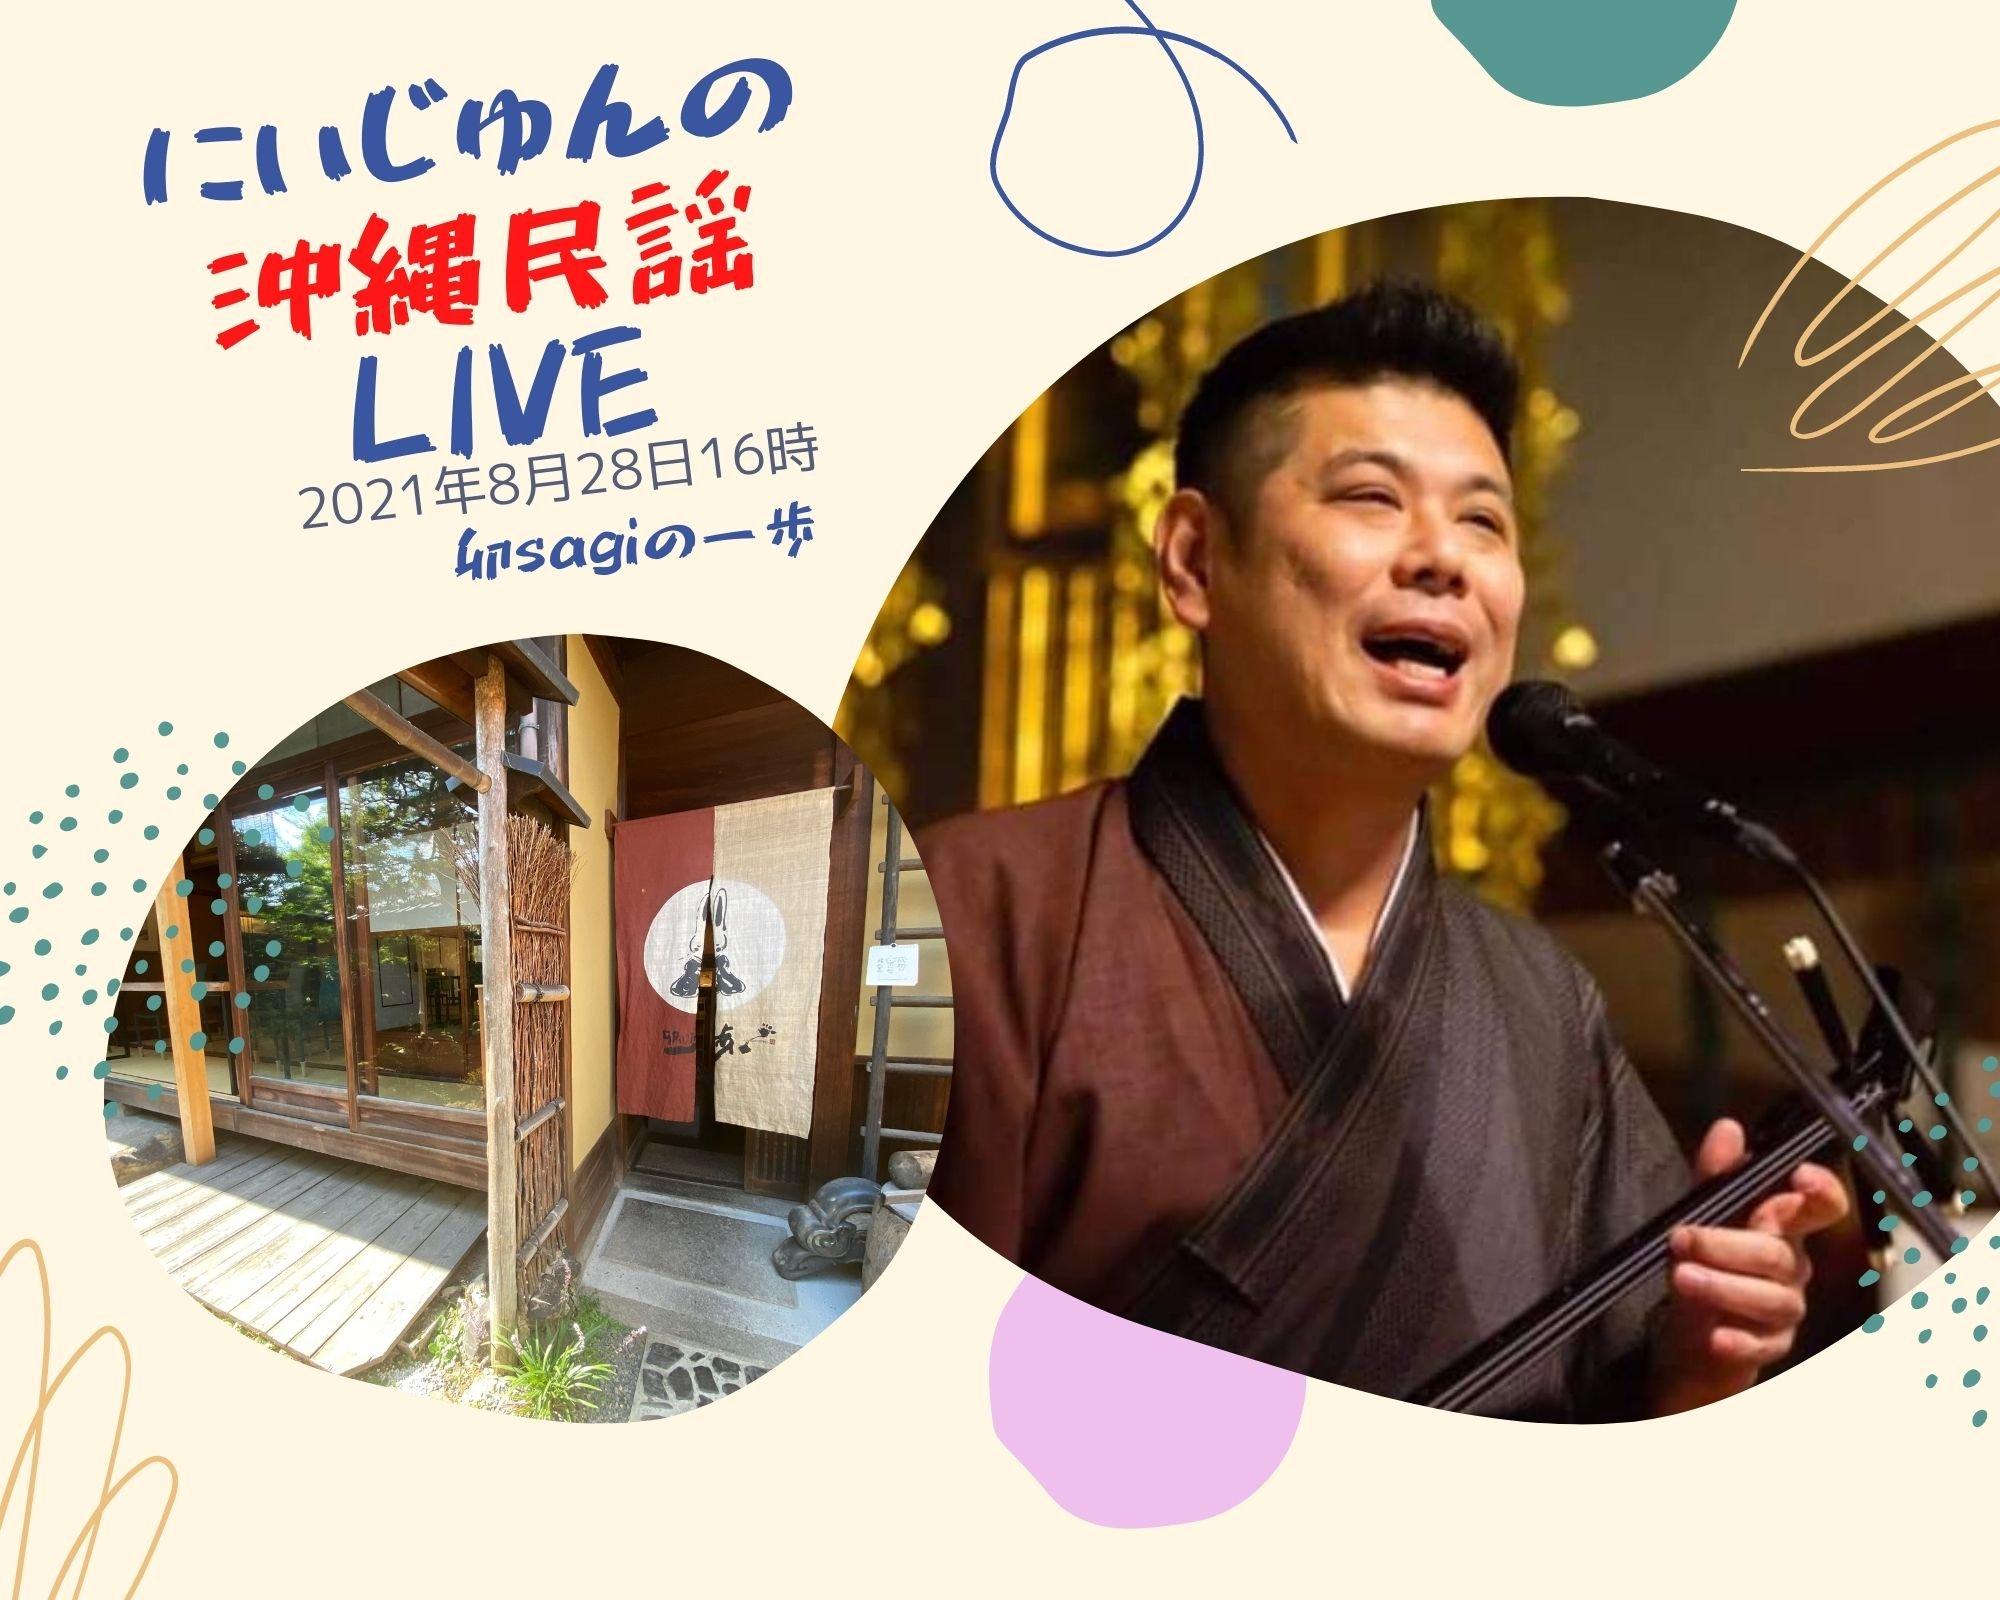 沖縄民謡ライブのイメージその1